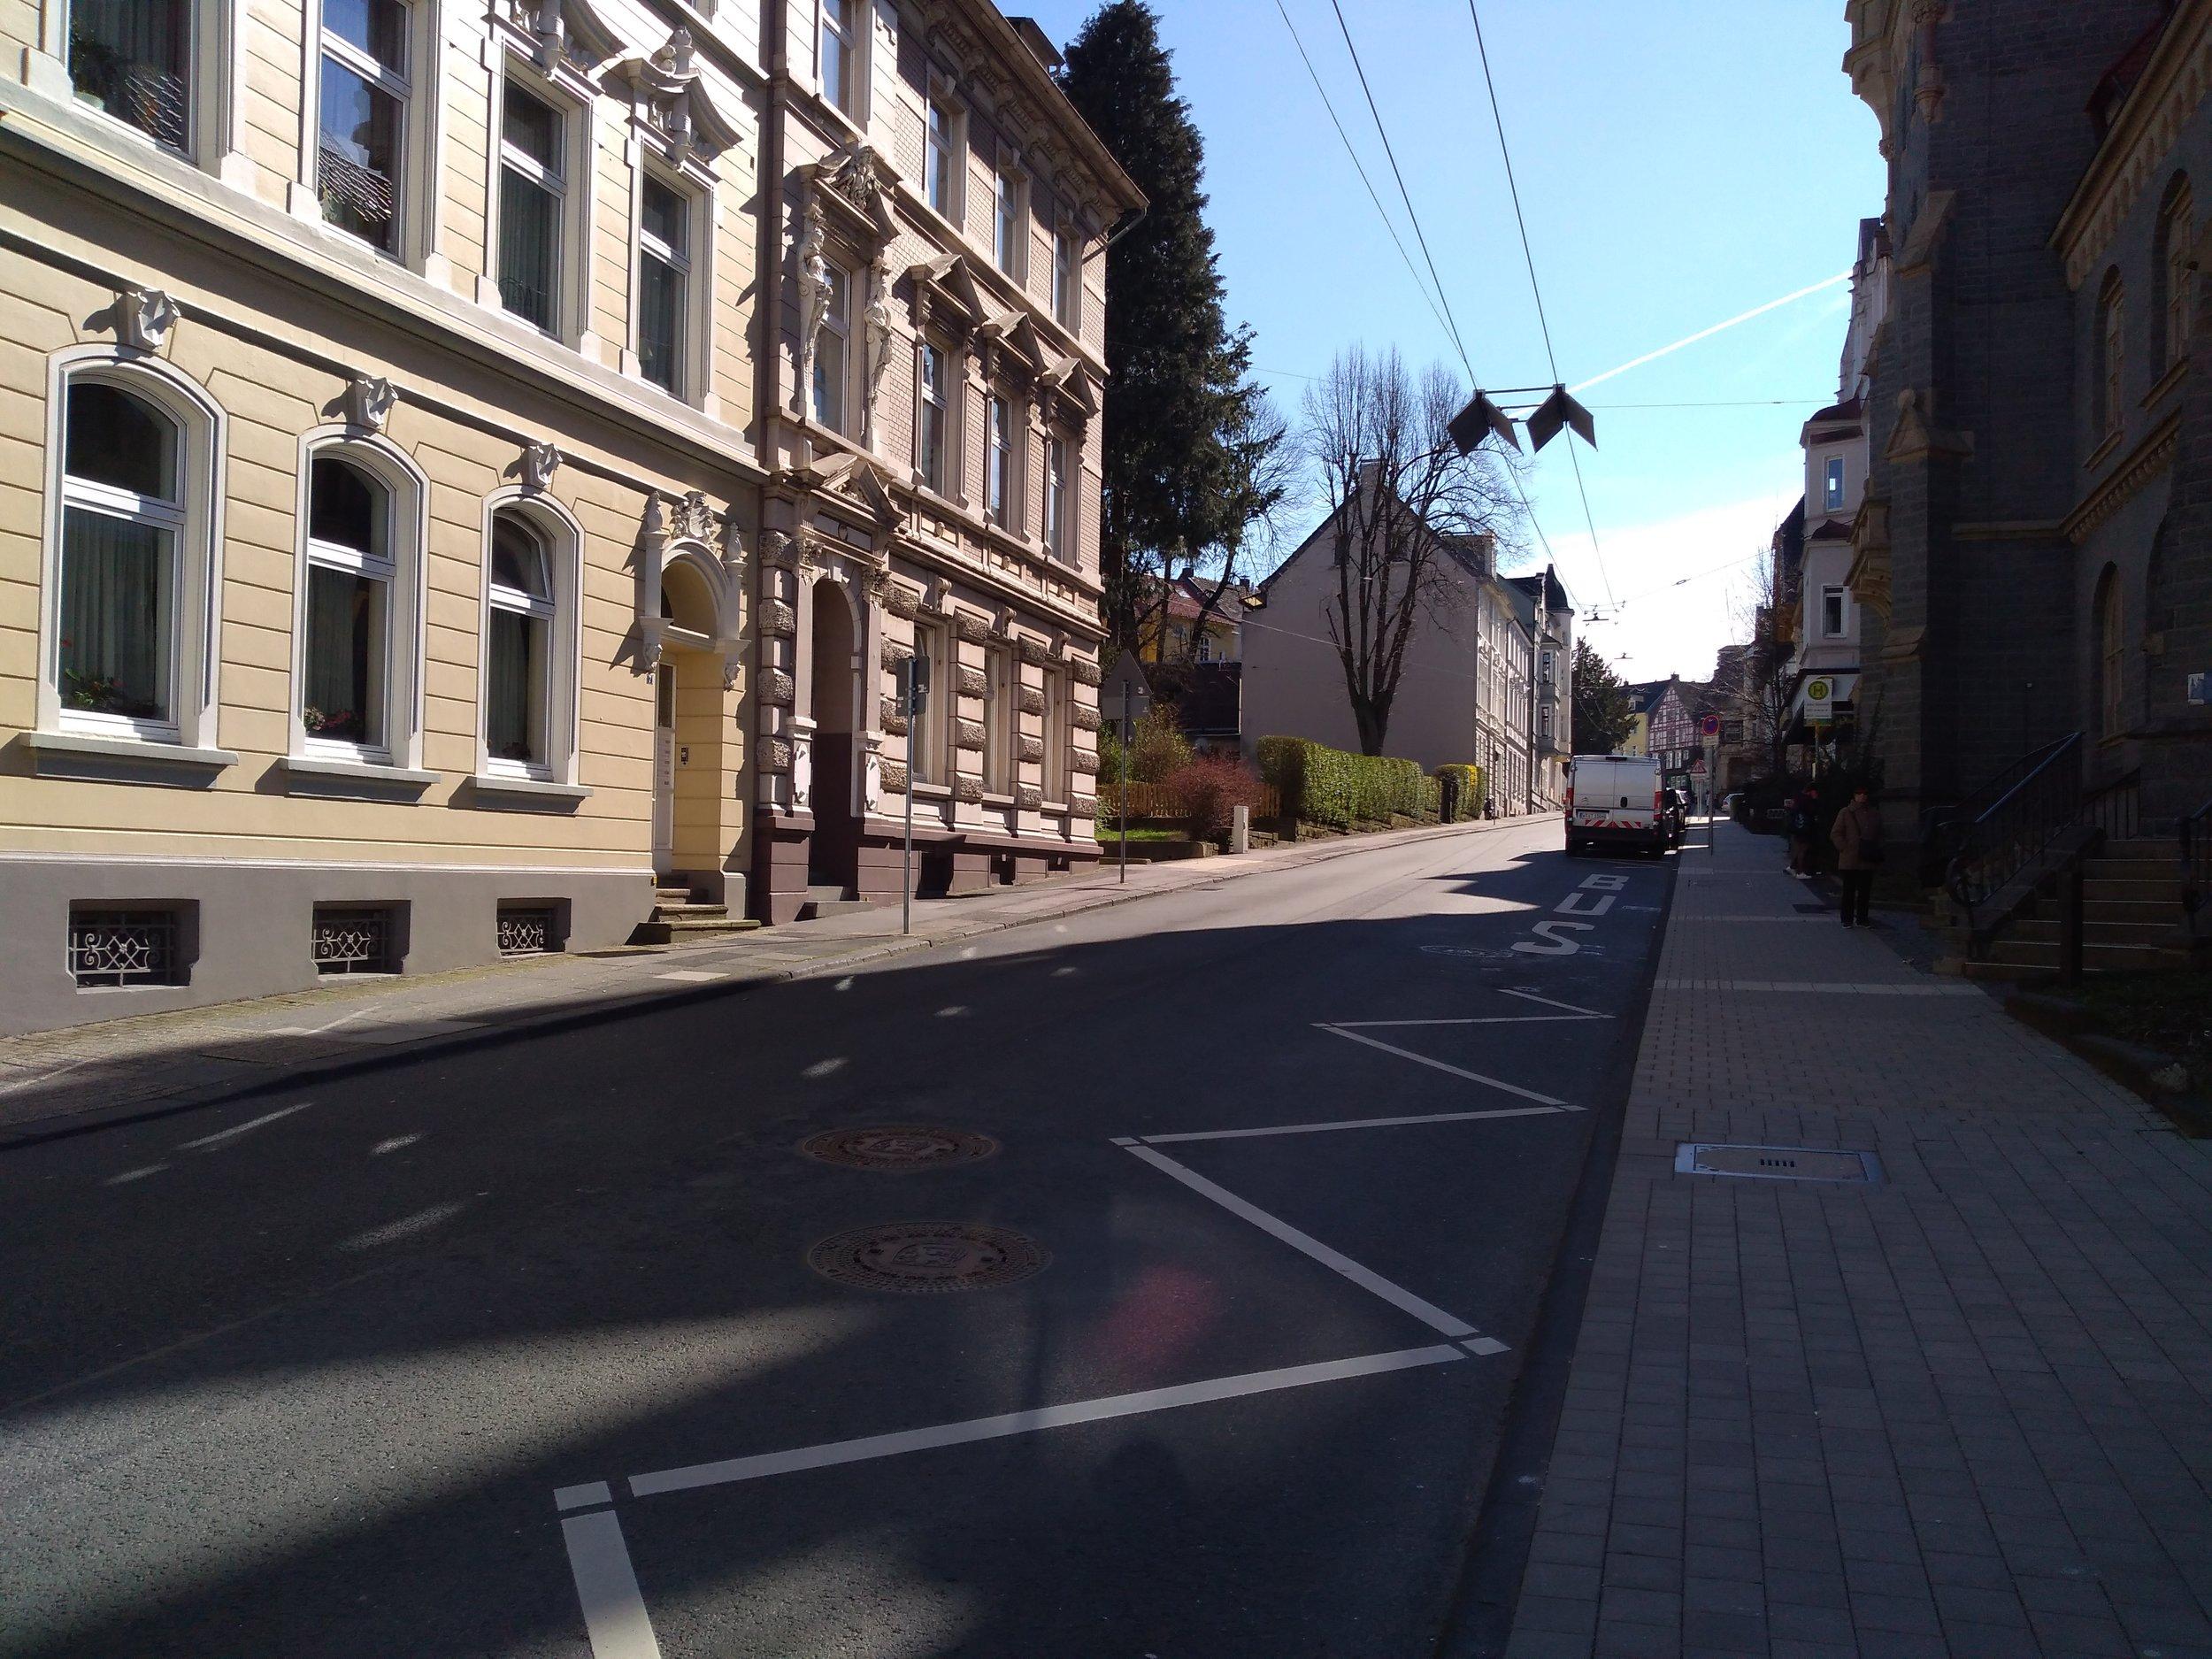 Tady vidíme trolejovou stopu trojúhelníkové blokové smyčky zblízka. Tato část je jediná ze smyčky využívaná a slouží trolejbusům ve směru do Solingenu. O kousek výše končí druhá stopa, která patří trolejbusům jedoucím ze Solingenu.